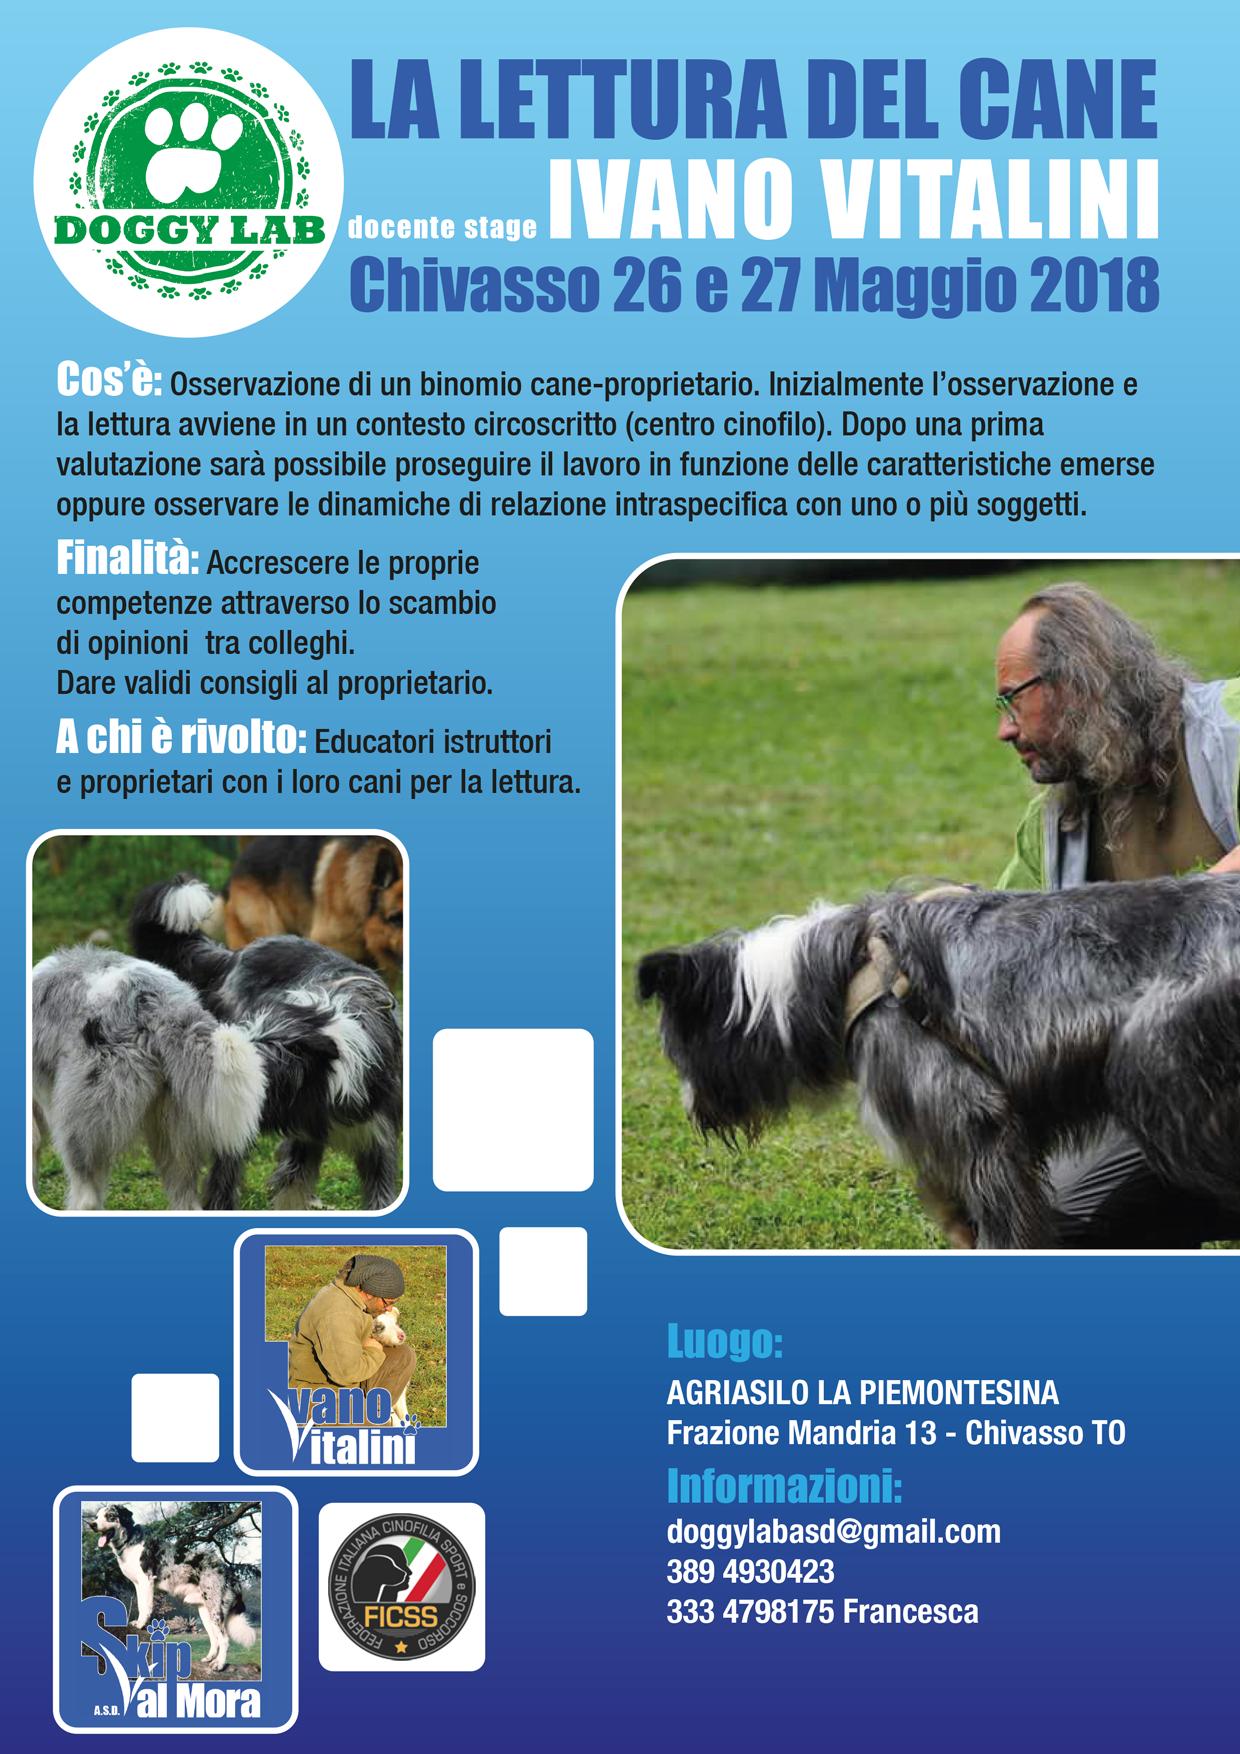 Chivasso (TO) 26 e 27 Maggio 2018 - Lettura del cane con Ivano Vitalini